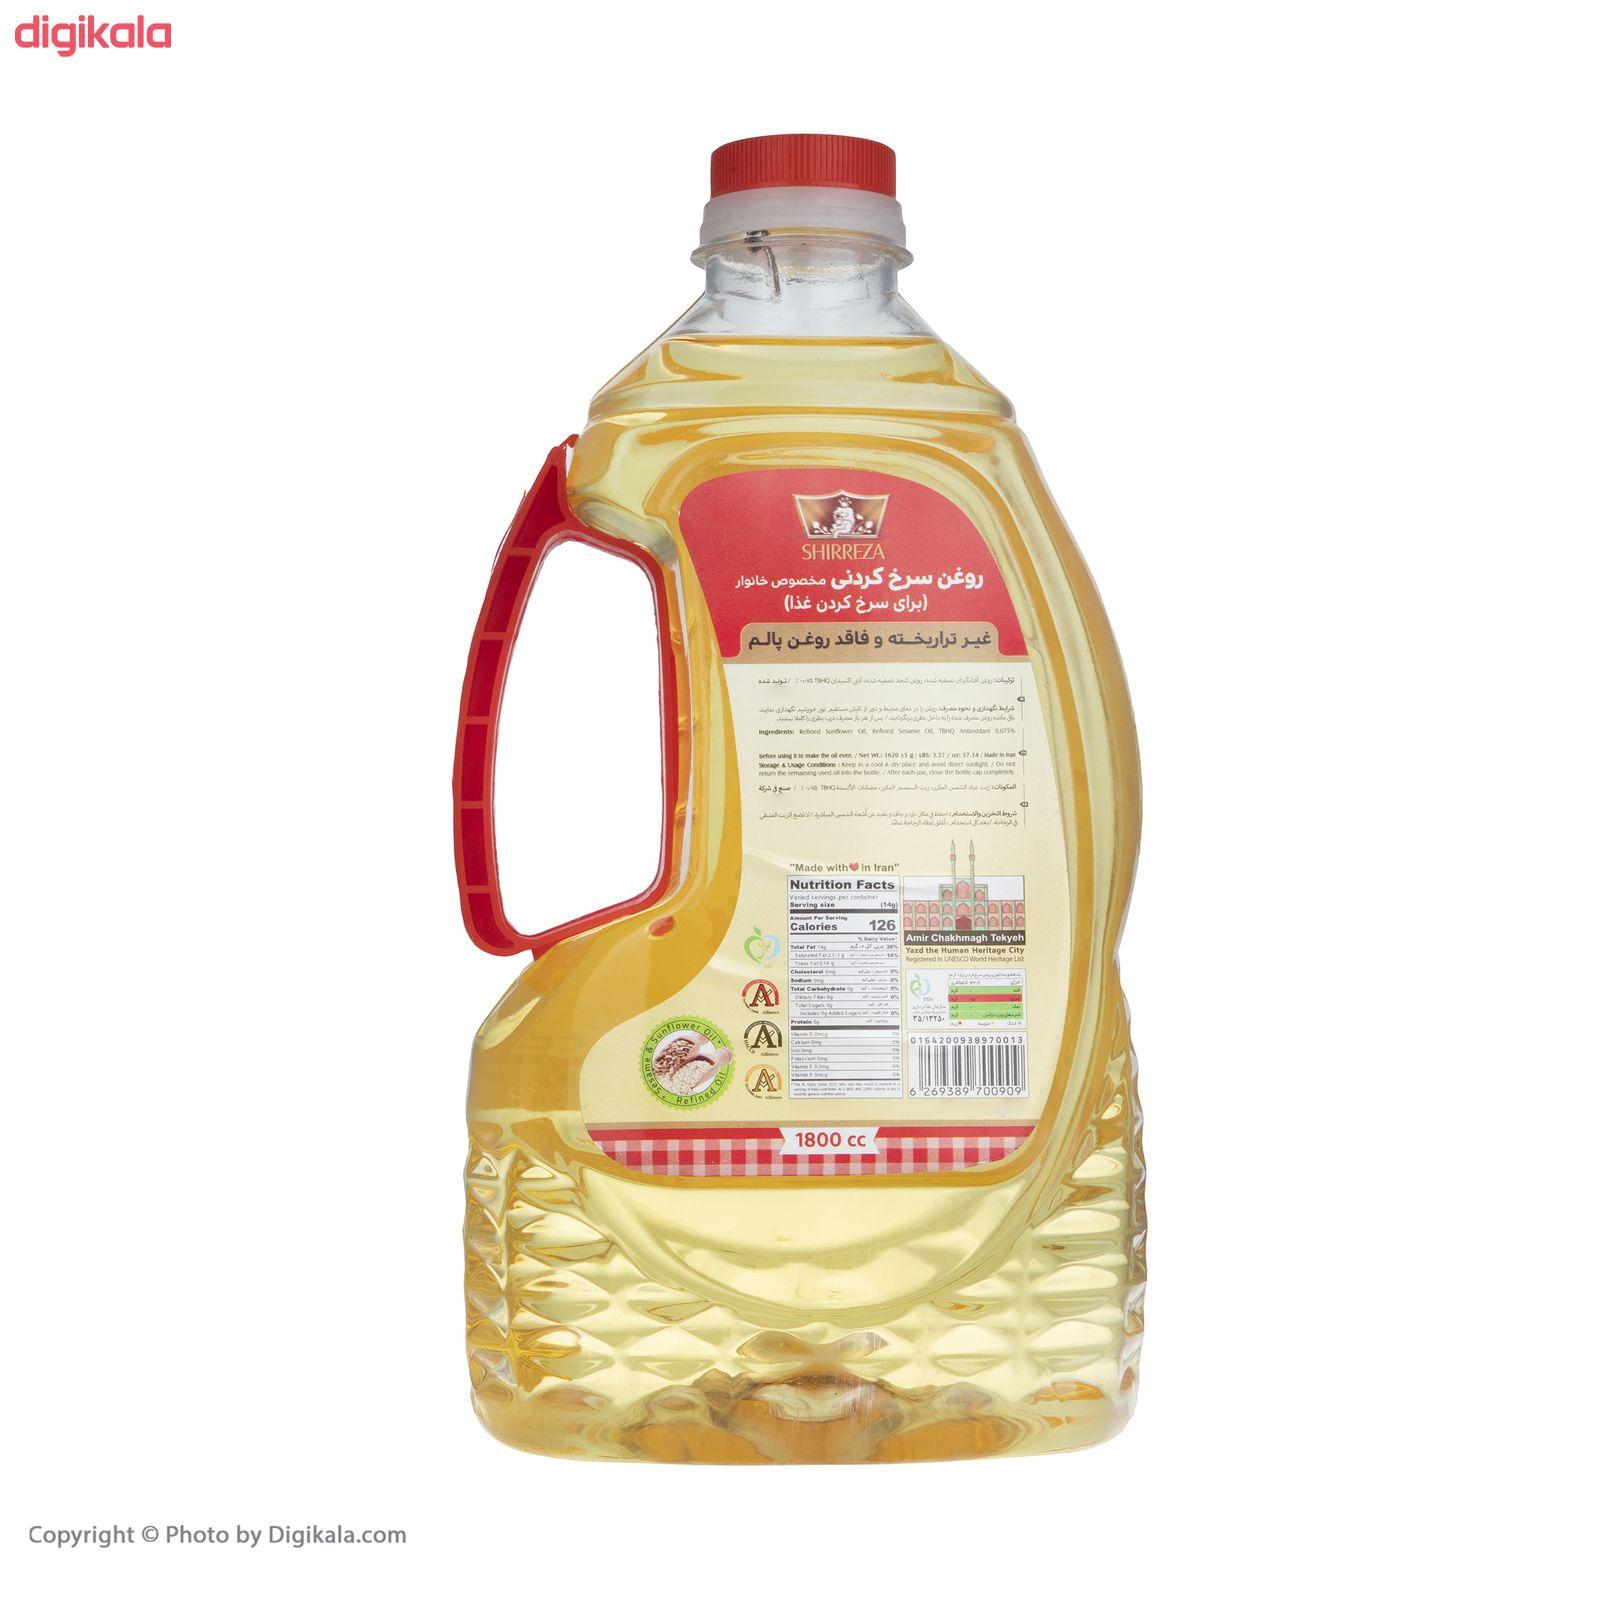 روغن سرخ کردنی شیررضا - 1.8لیتر main 1 2